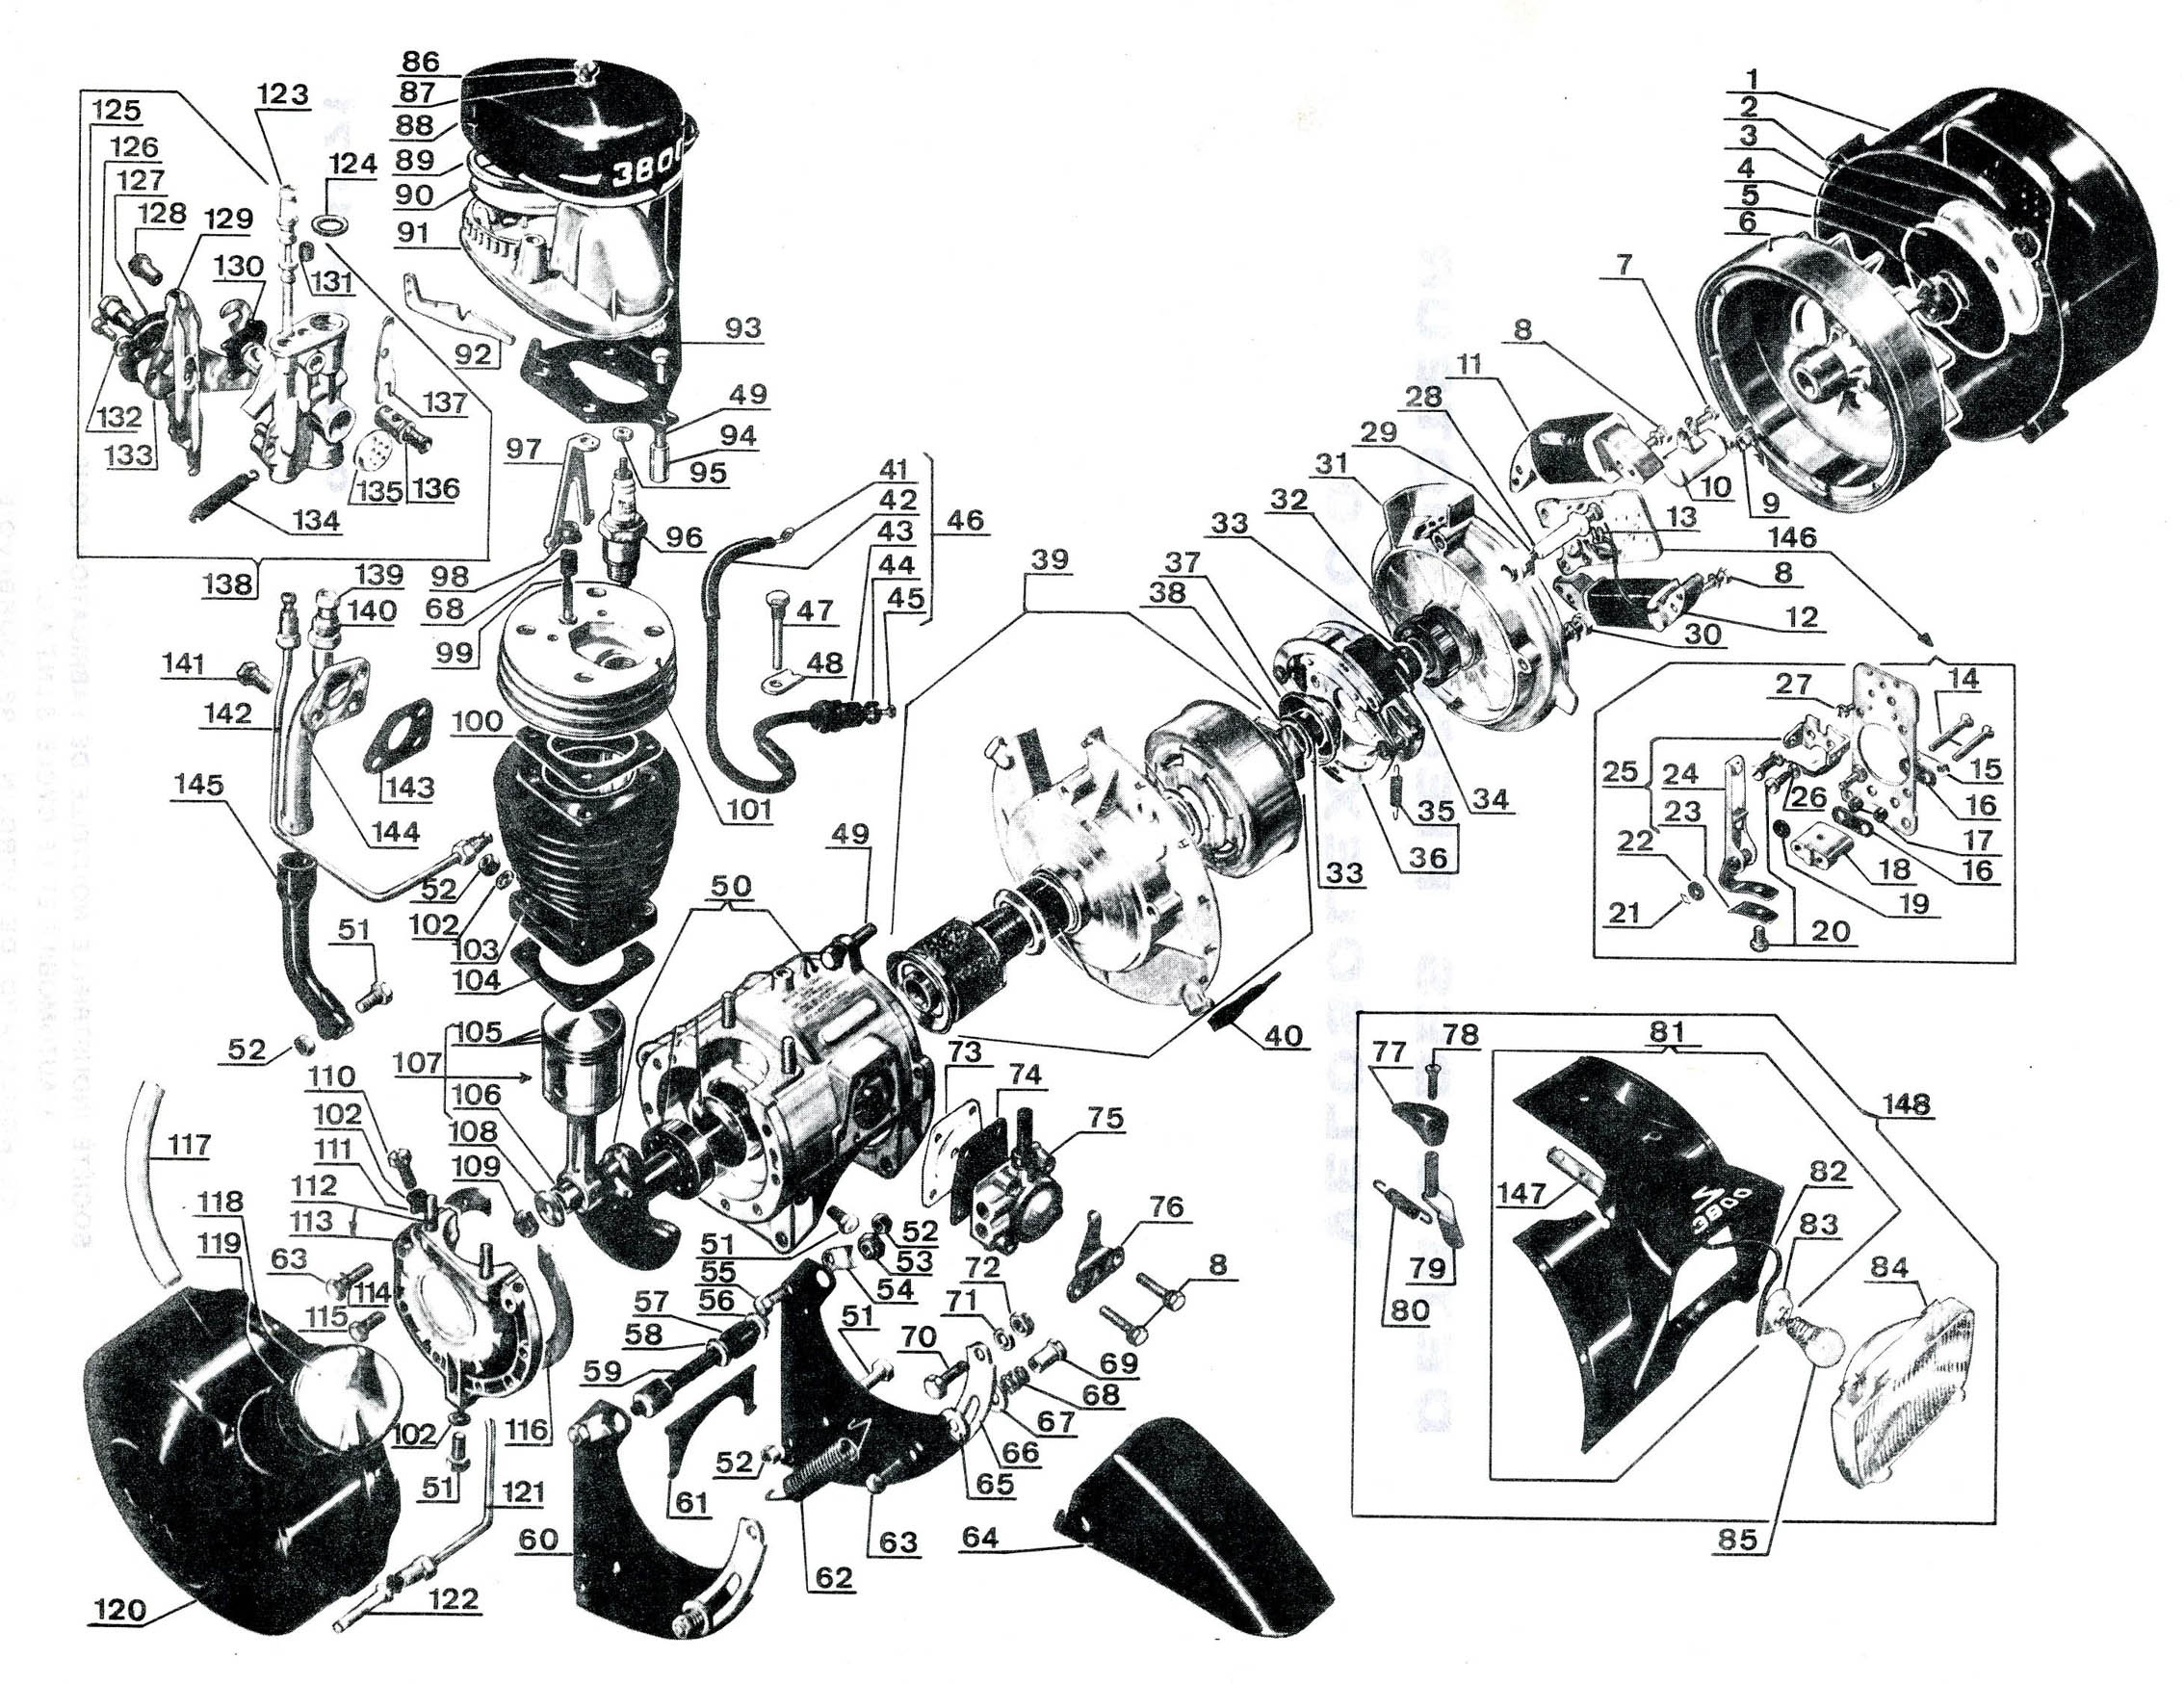 hight resolution of 17871 3880motor exploview2 jpg